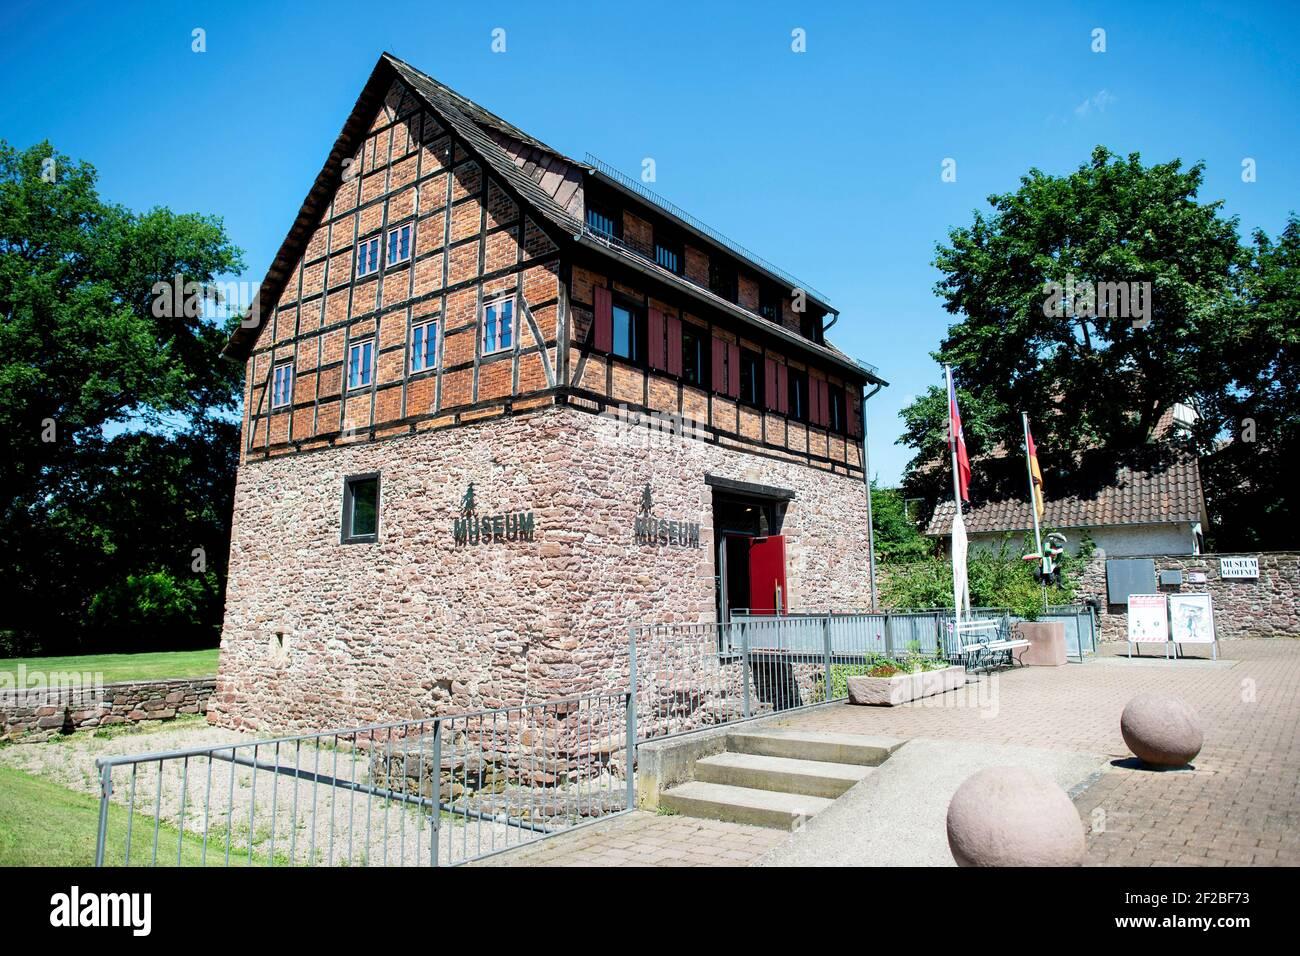 Bodenwerder, Alemania. 23rd de junio de 2020. El histórico museo del barón Muenchhausen en Bodenwerder (Alemania), 23 de junio de 2020. Crédito: dpa/Alamy Live News Foto de stock